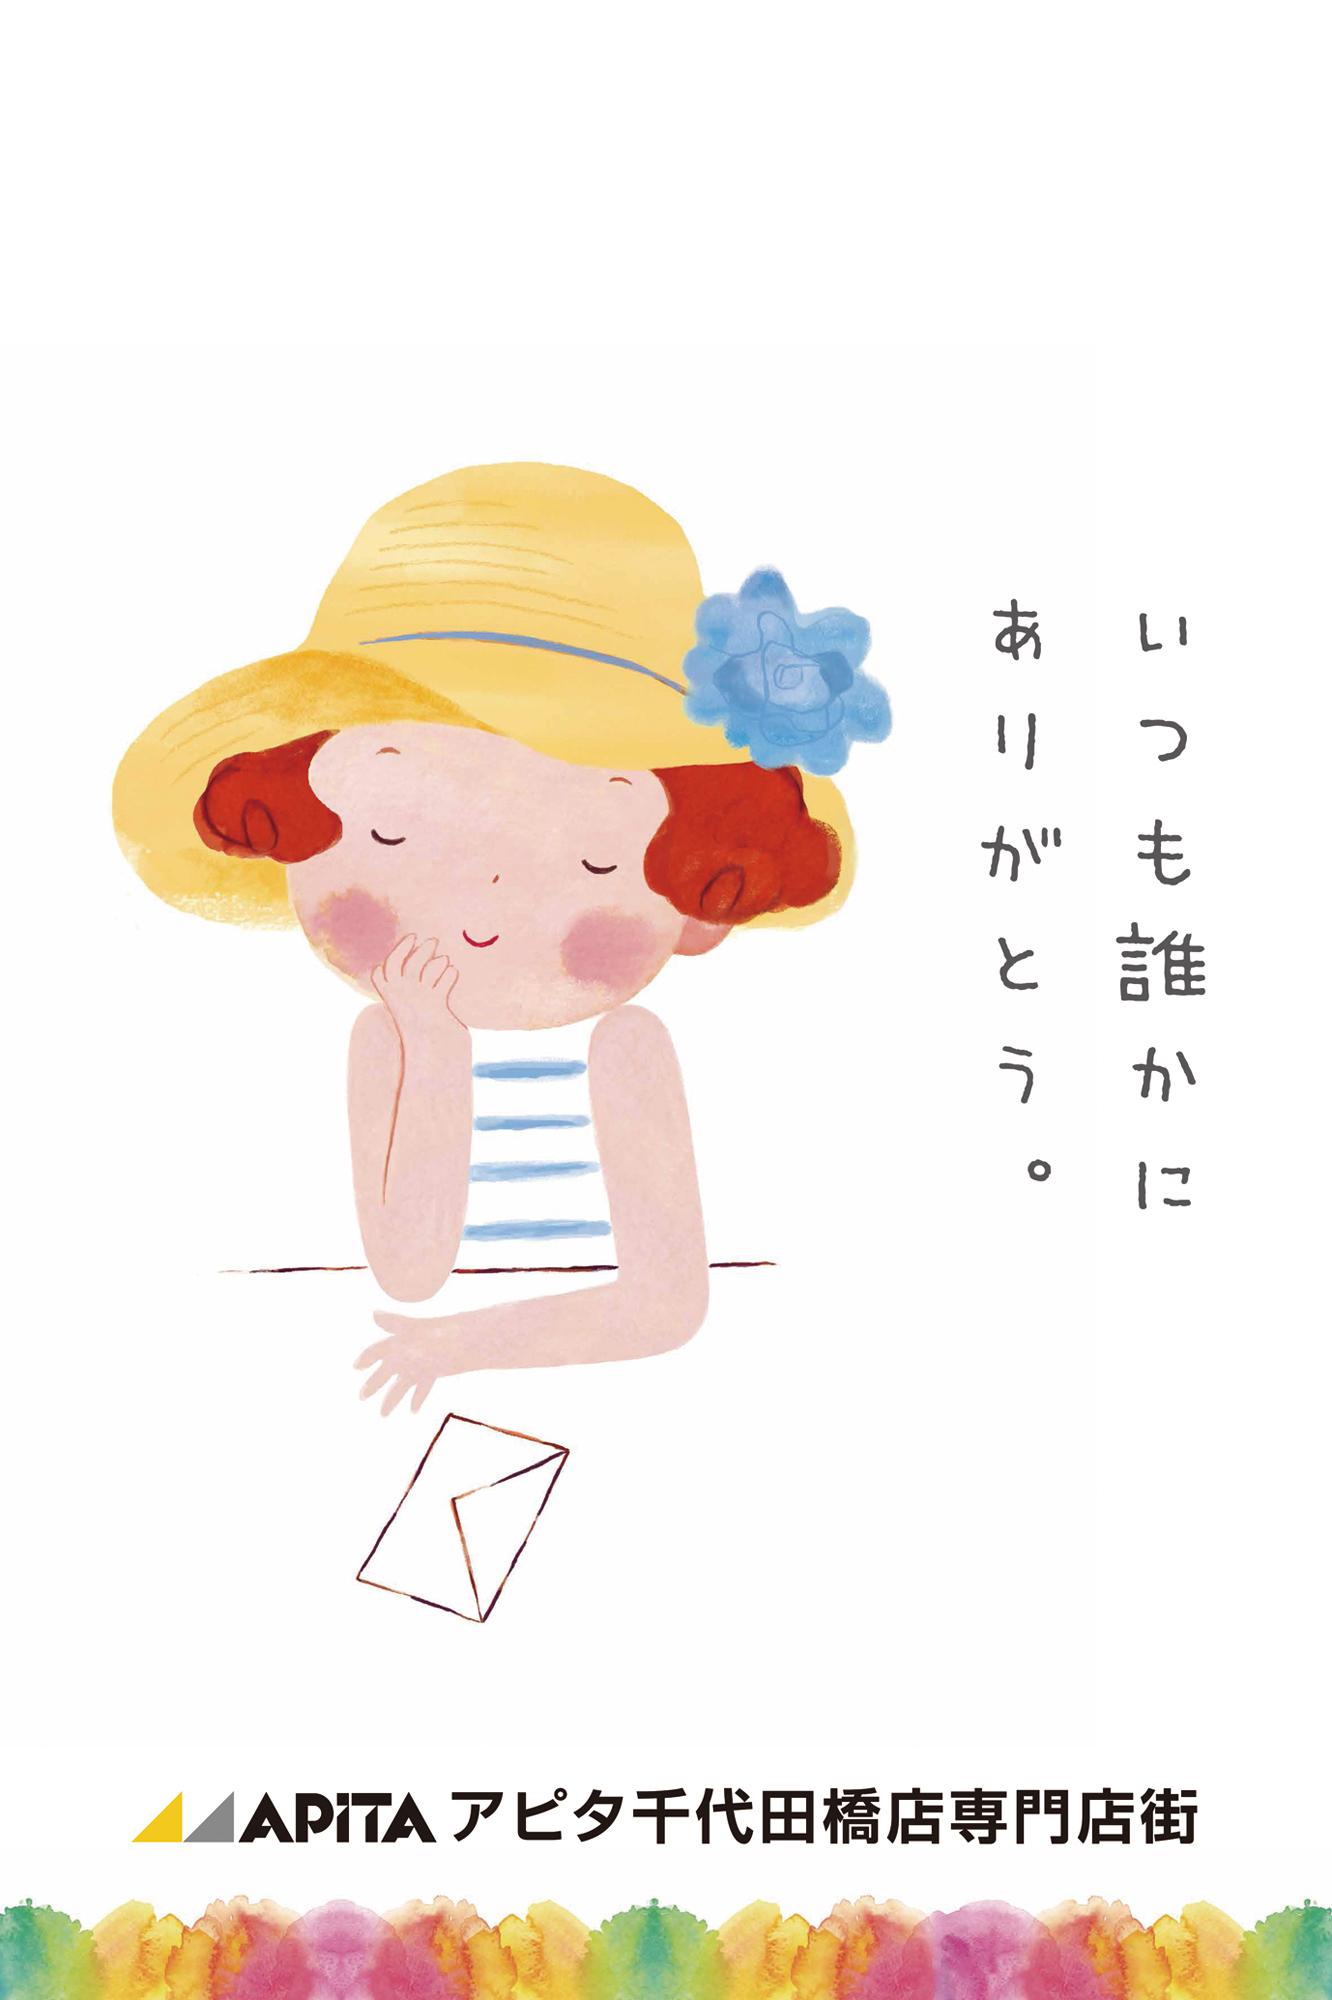 (株)ユニー apita千代田橋店店内タペストリー